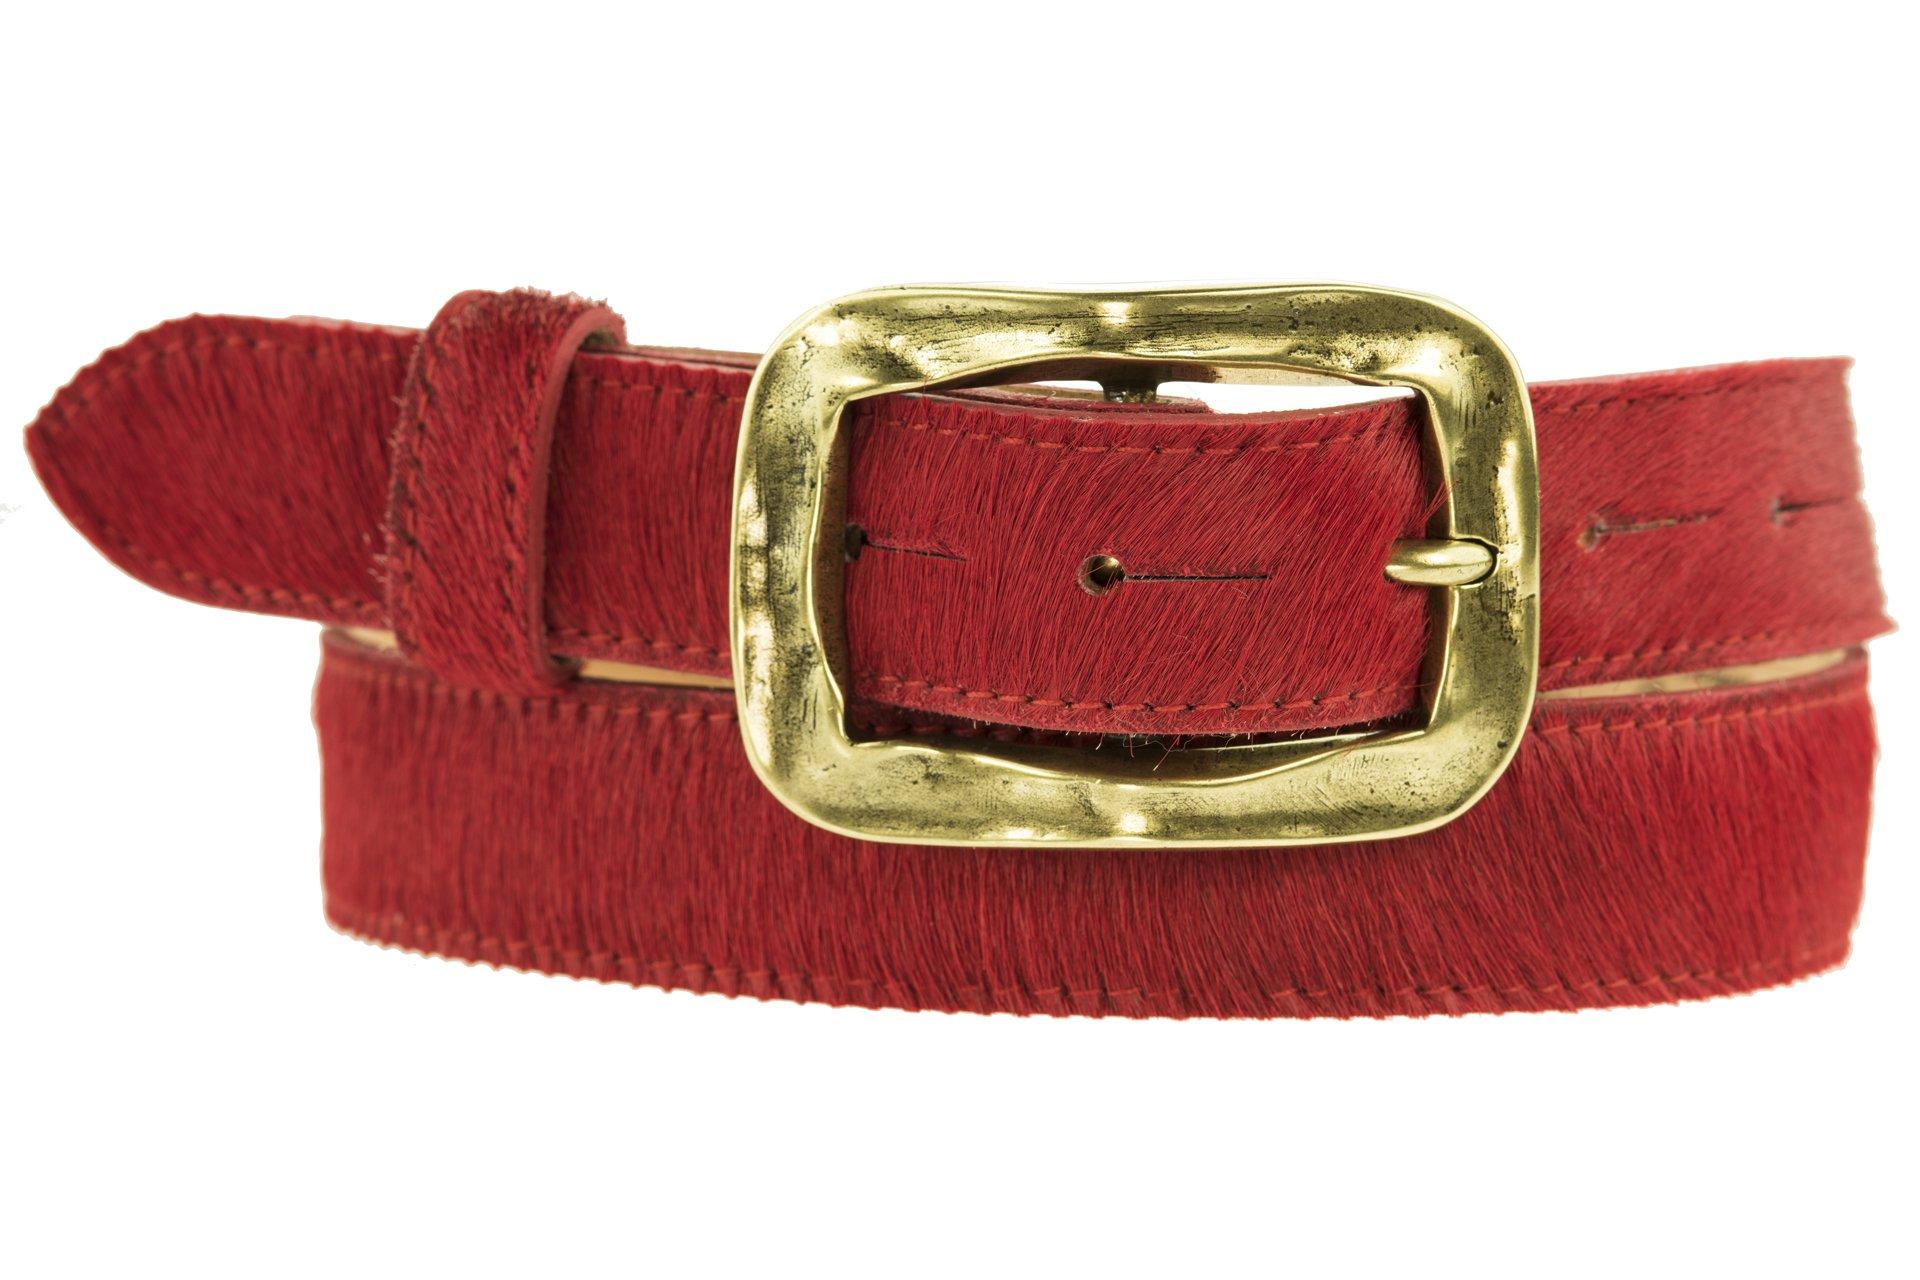 Cowide Belt